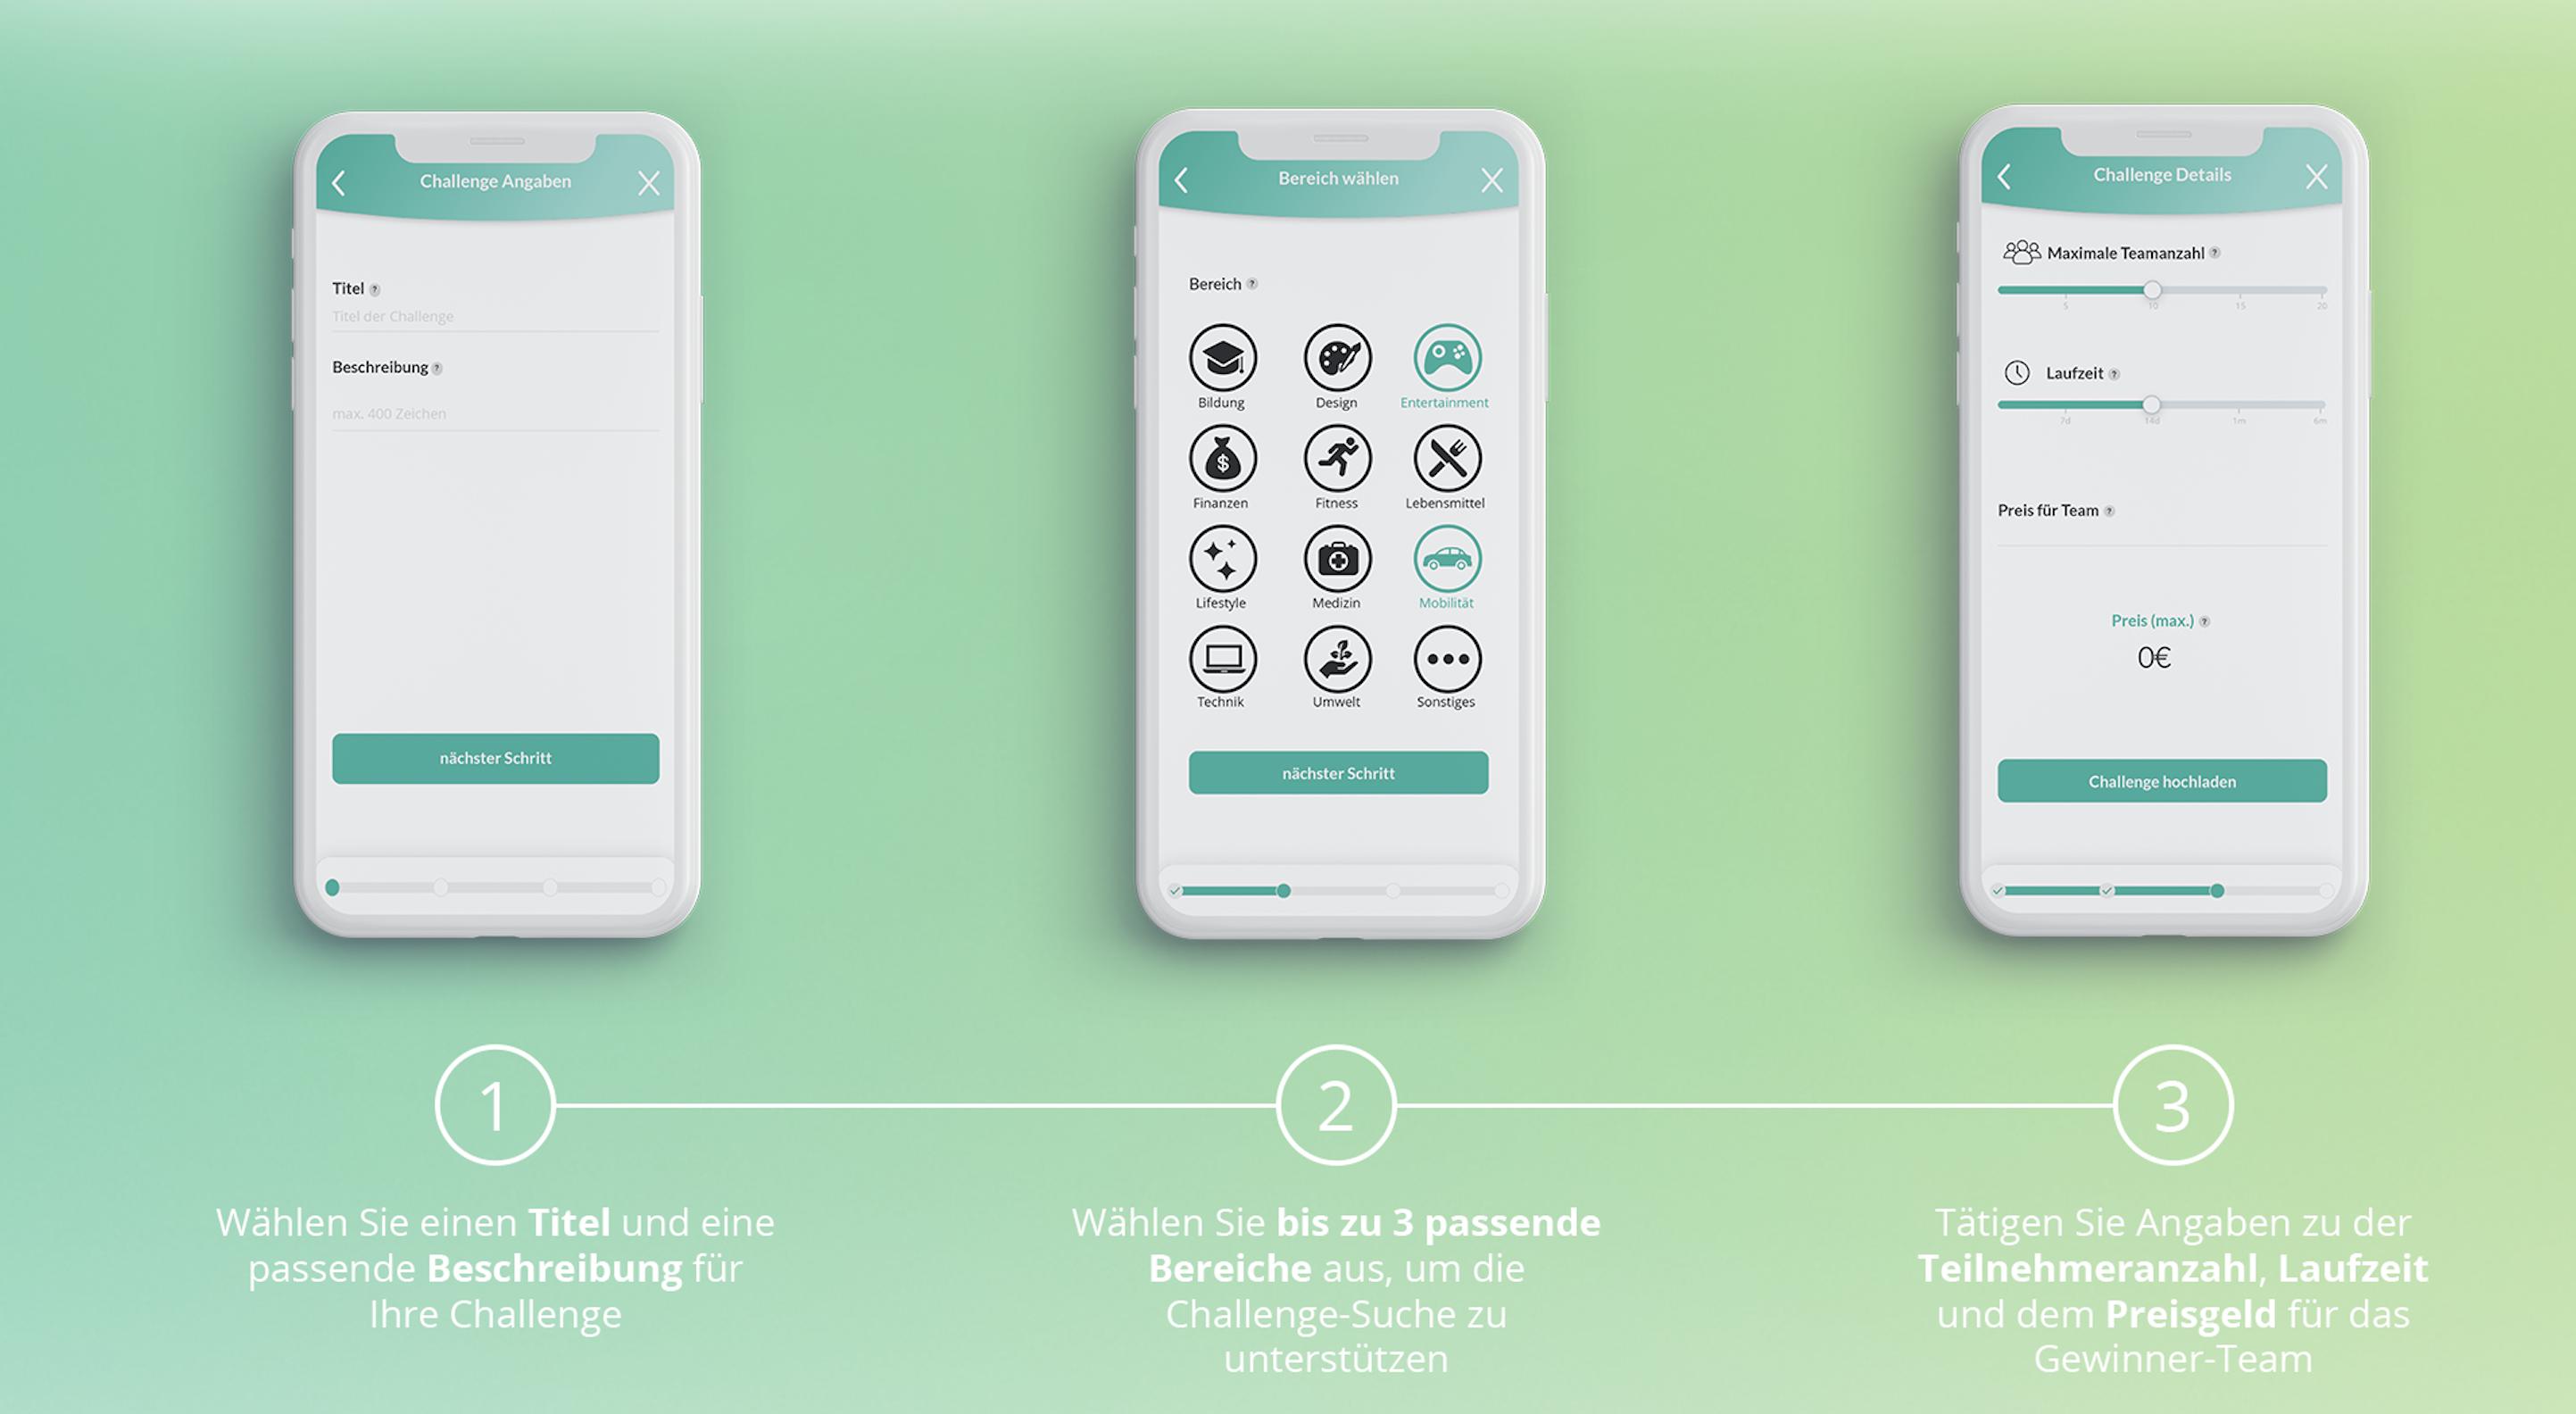 Bildschirmmasken auf einem Handy, die die drei Schritte zum Anlegen einer Challenge beschreiben: 1. Titel und Beschreibung eintragen, 2. Themengebiet auswählen, 3. Teilnehmerzah, Laufzeit und Preisgeld eintragen.